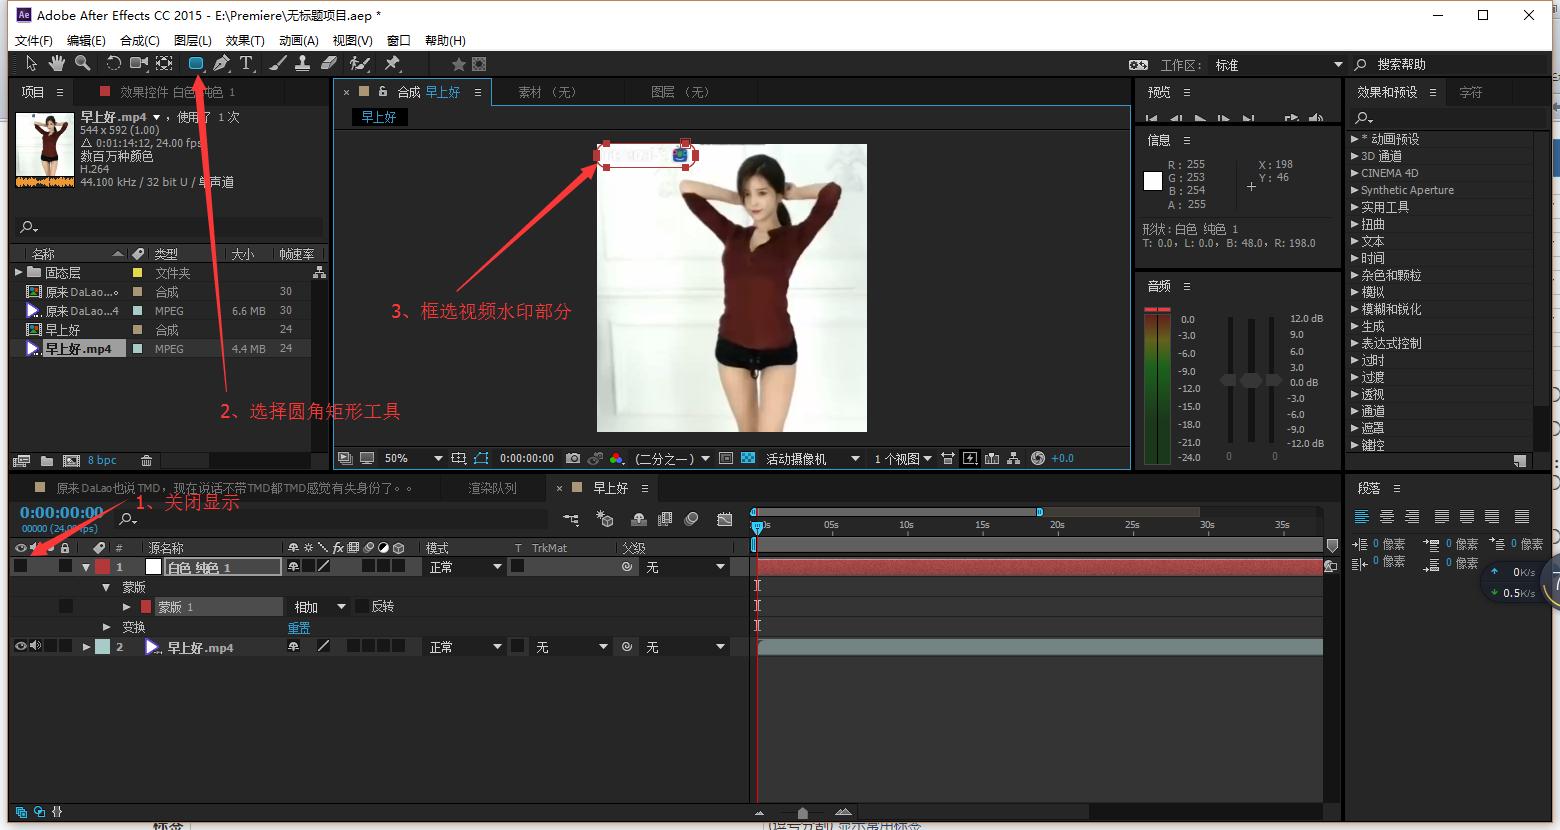 AE快速的去除视频中的台标或水印的方法 教程资料 第3张